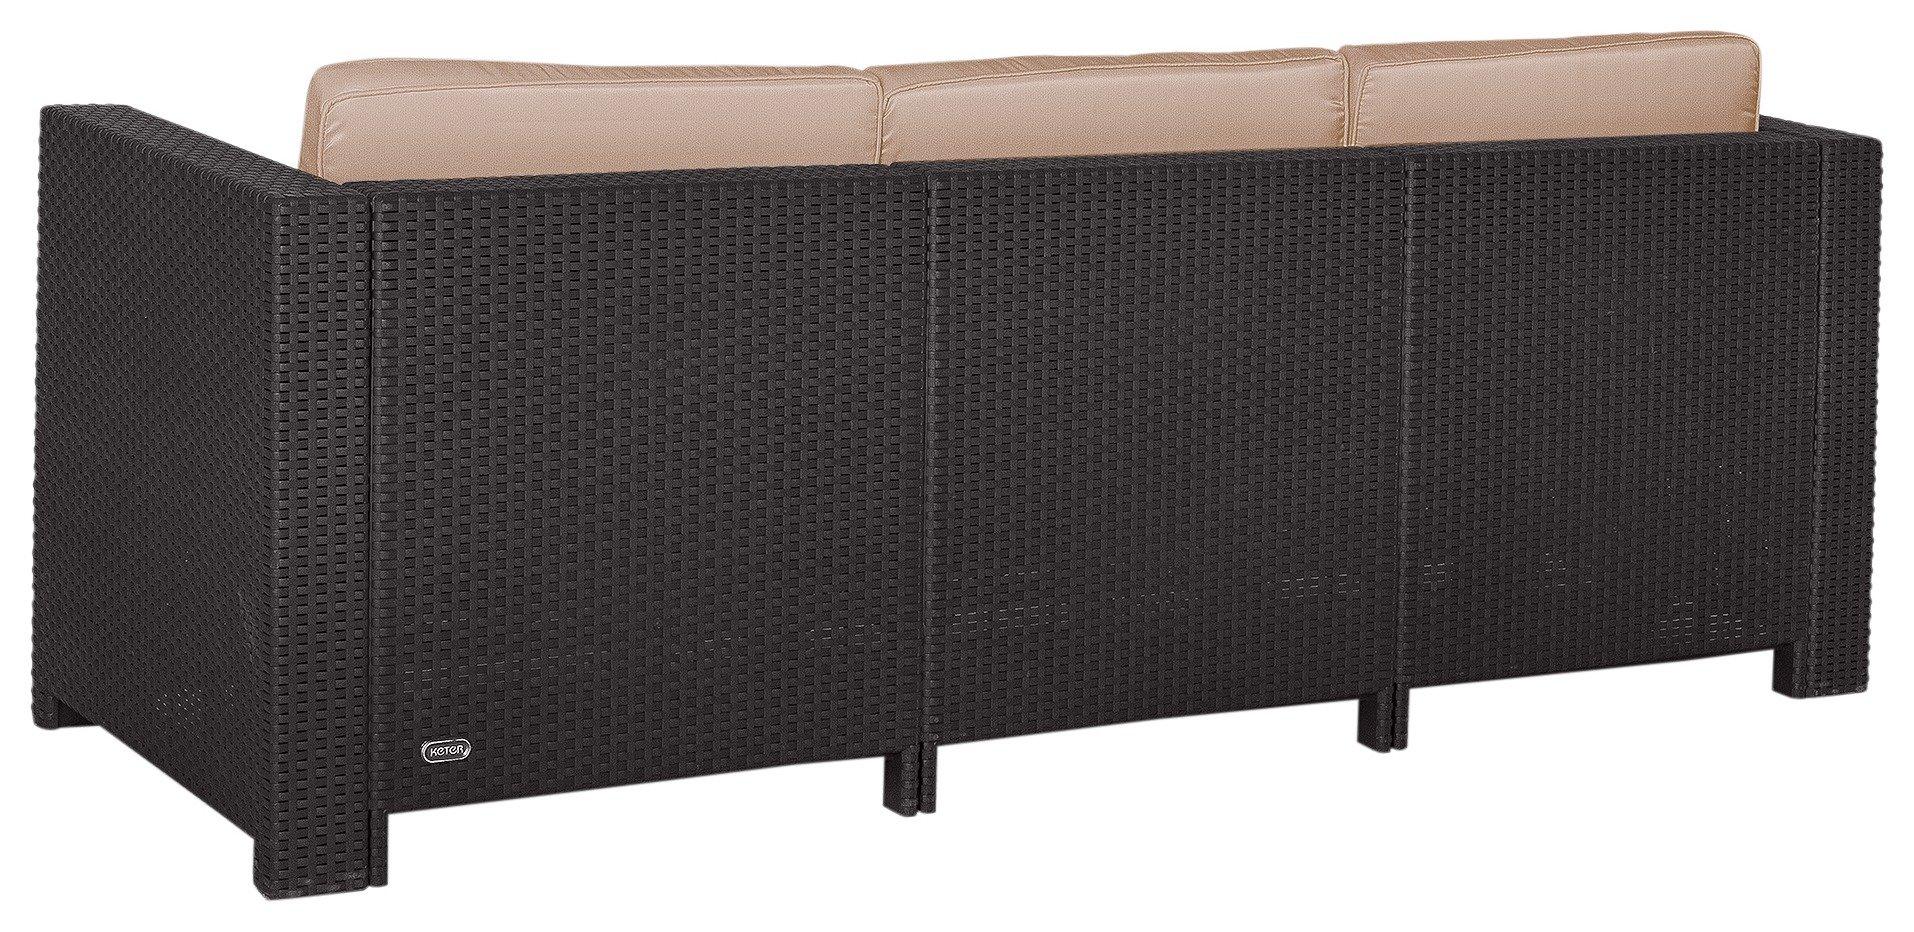 Garden Furniture Corner Sofa